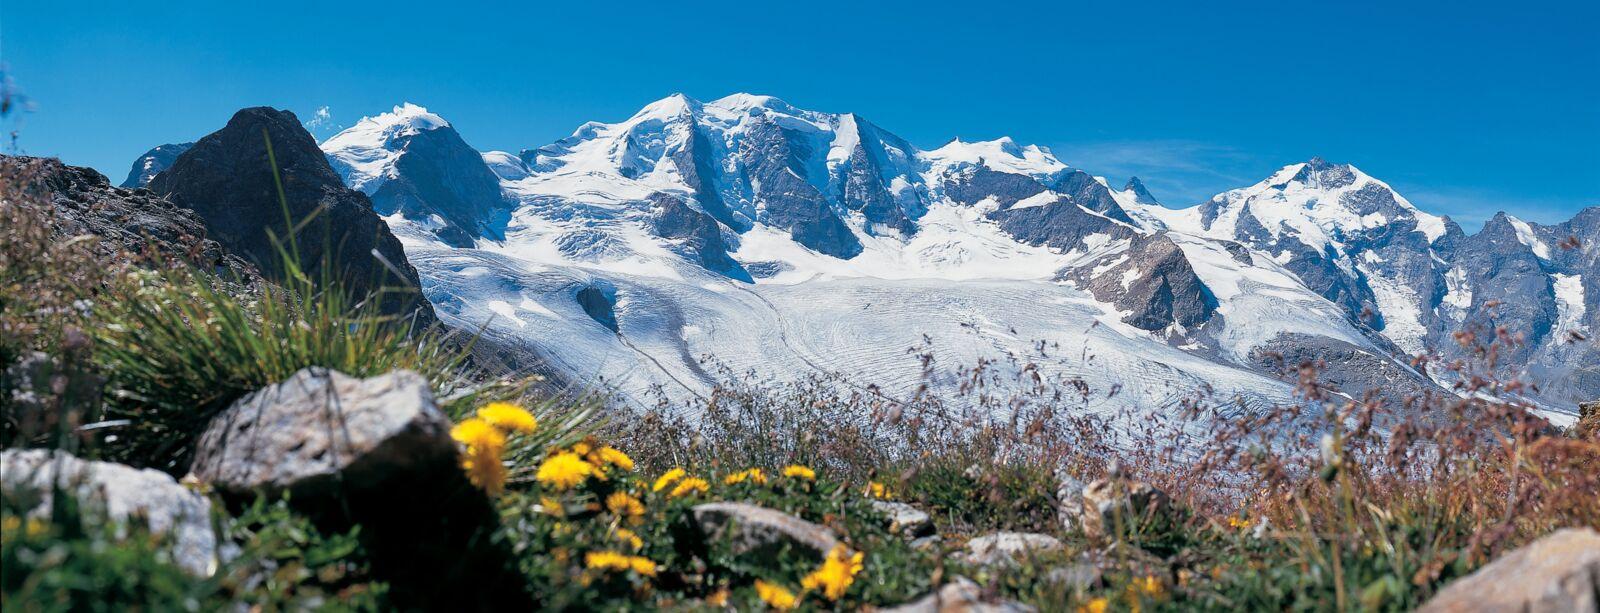 ENGADIN St. Moritz - Pontresina Diavolezza